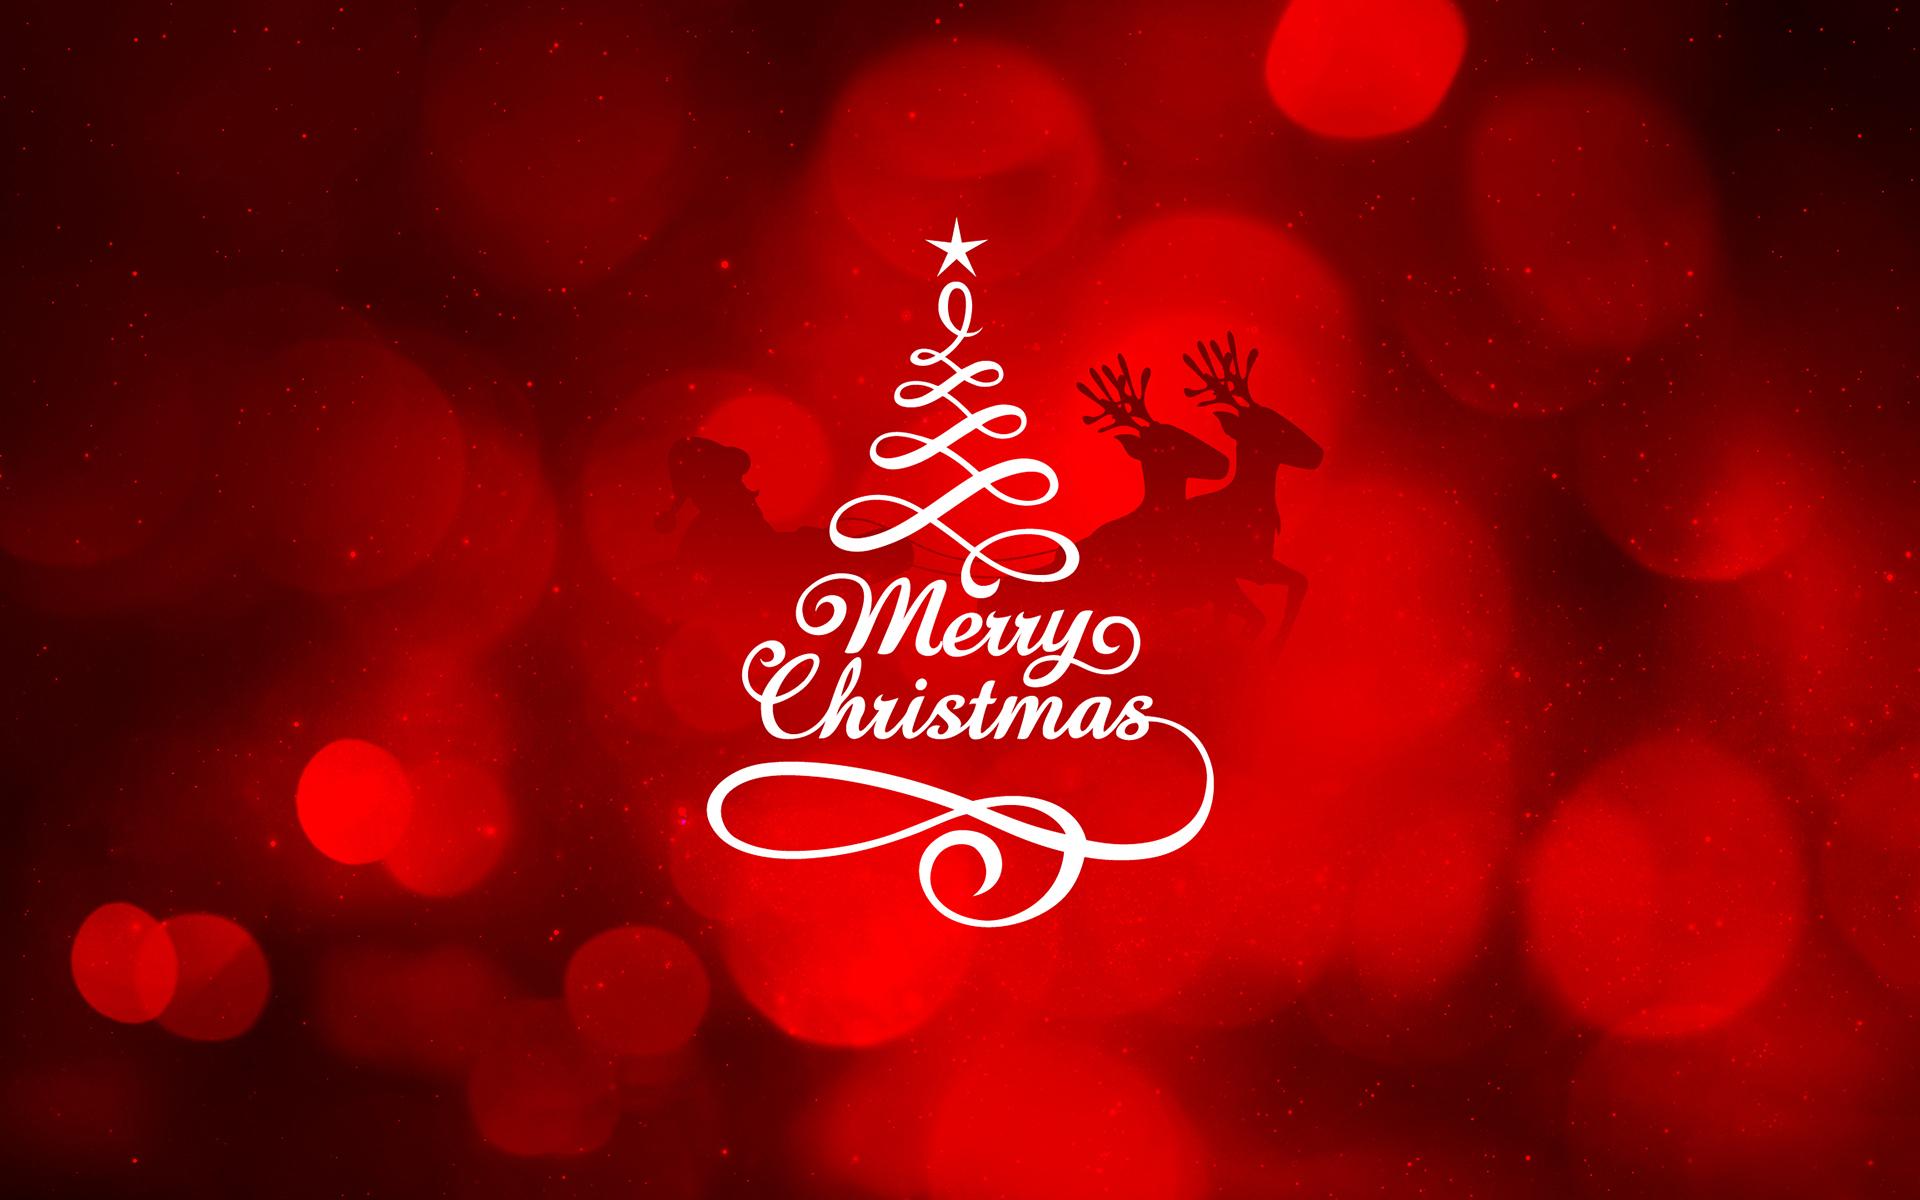 Healthwise Christmas